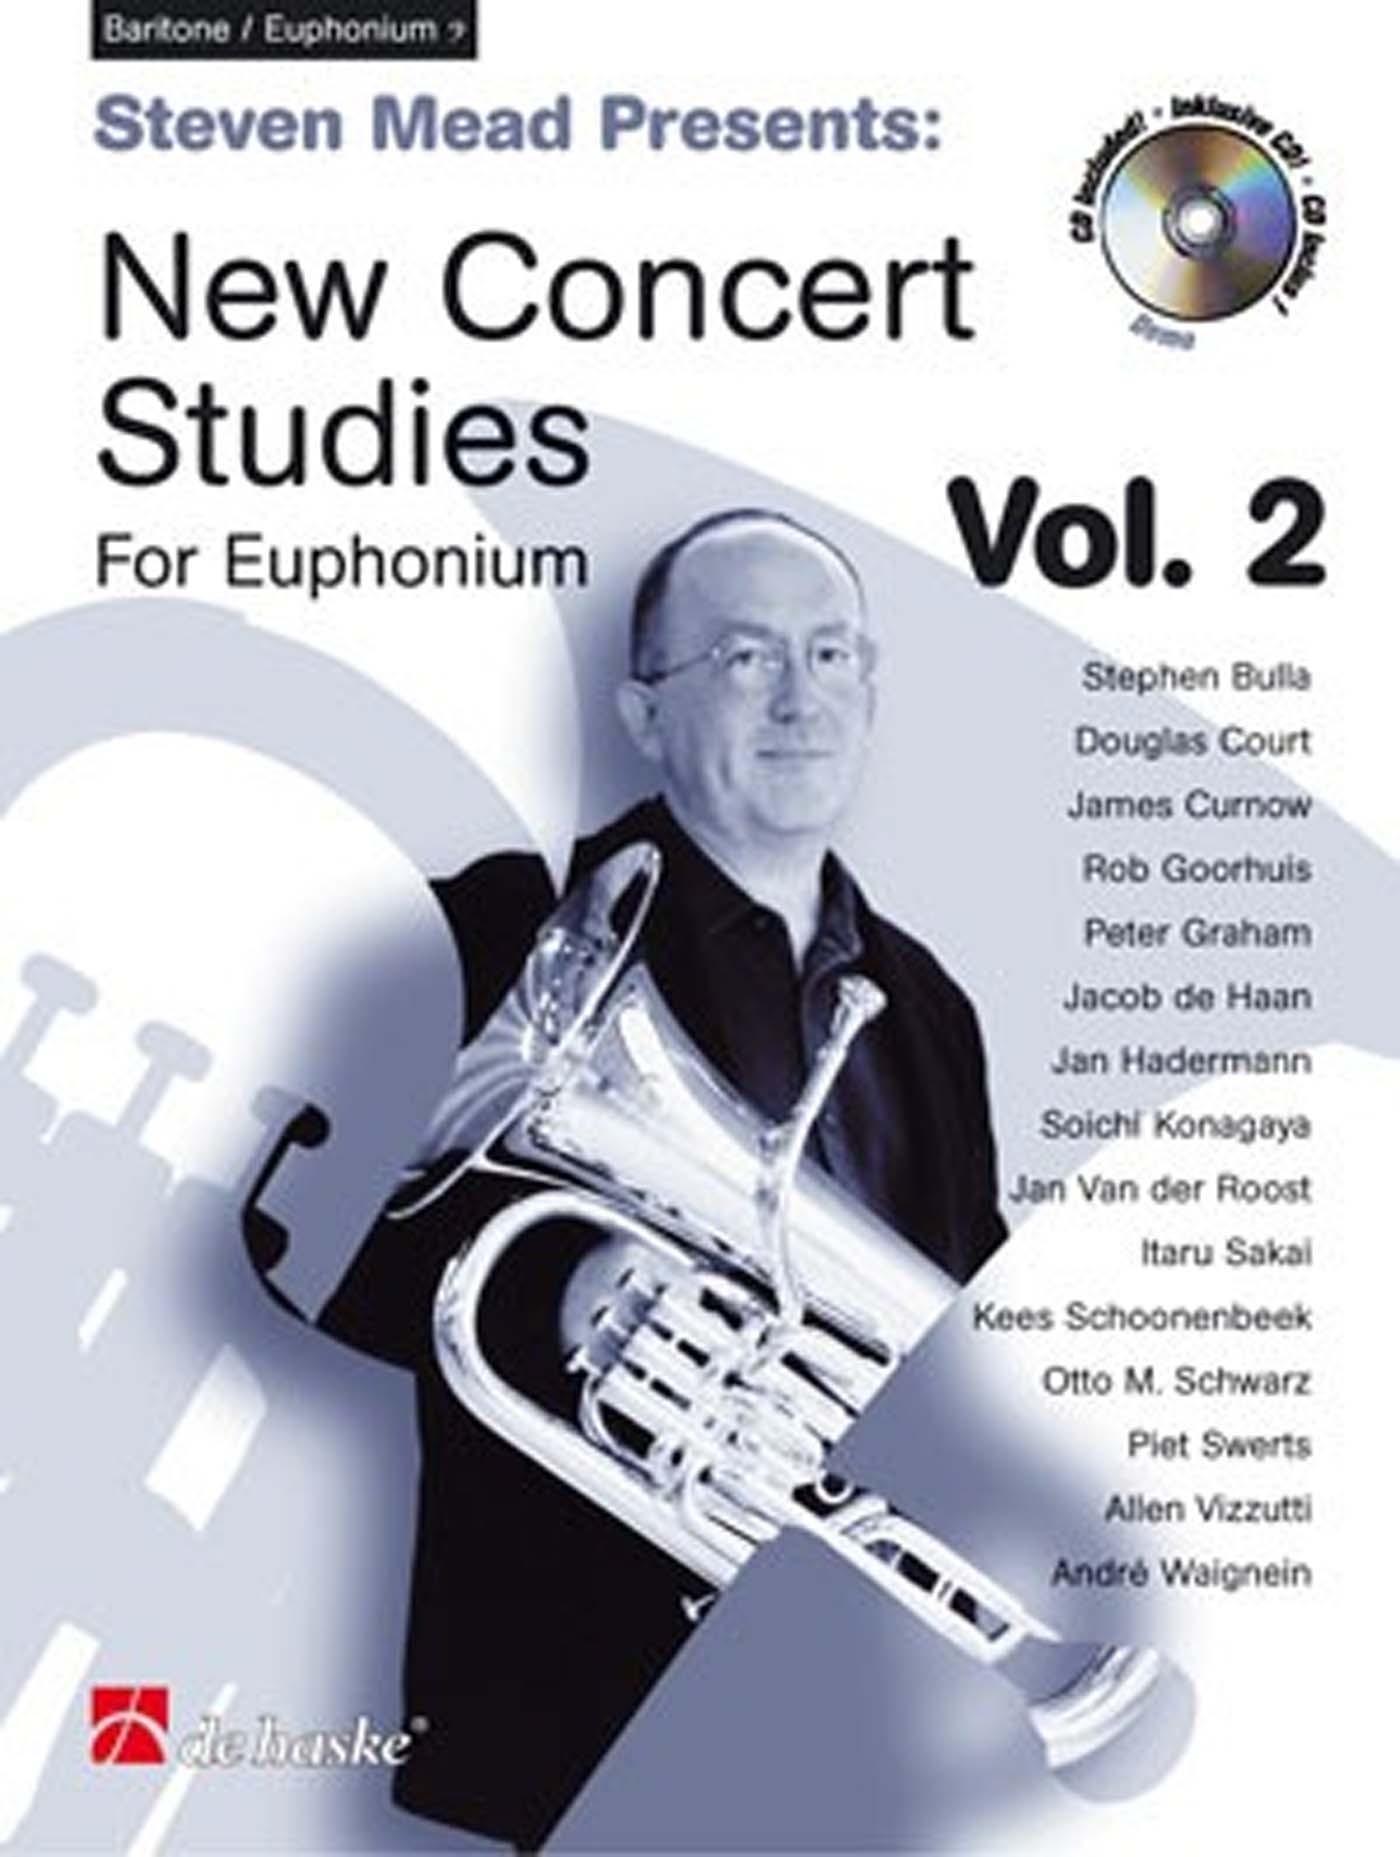 Steven Mead New Concert Studies for Euphonium Baritone Vol 2 Book & CD S162